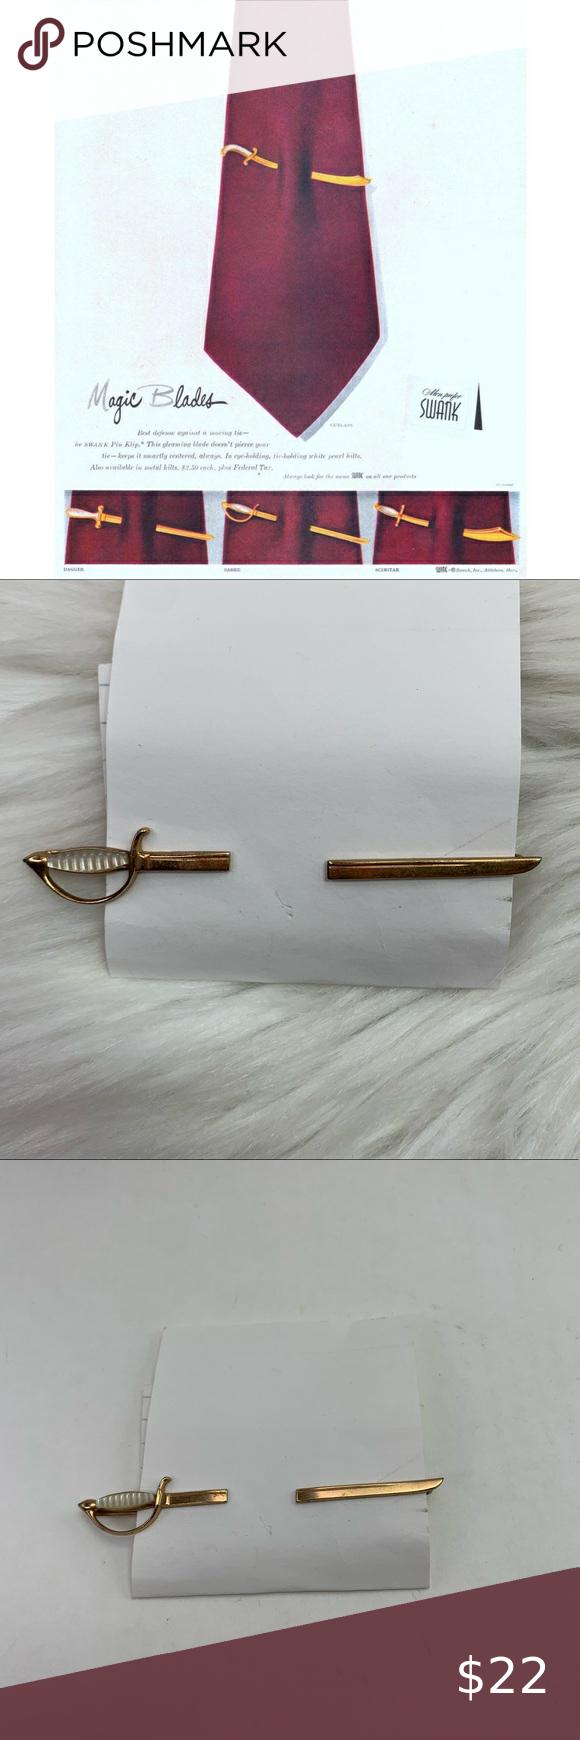 Swank Magic Blades Mother of Pearl Handle Sabre Sword 1940s Pierced Look Tie Clip Sabre Tie Clip Swank Sword Tie Clip